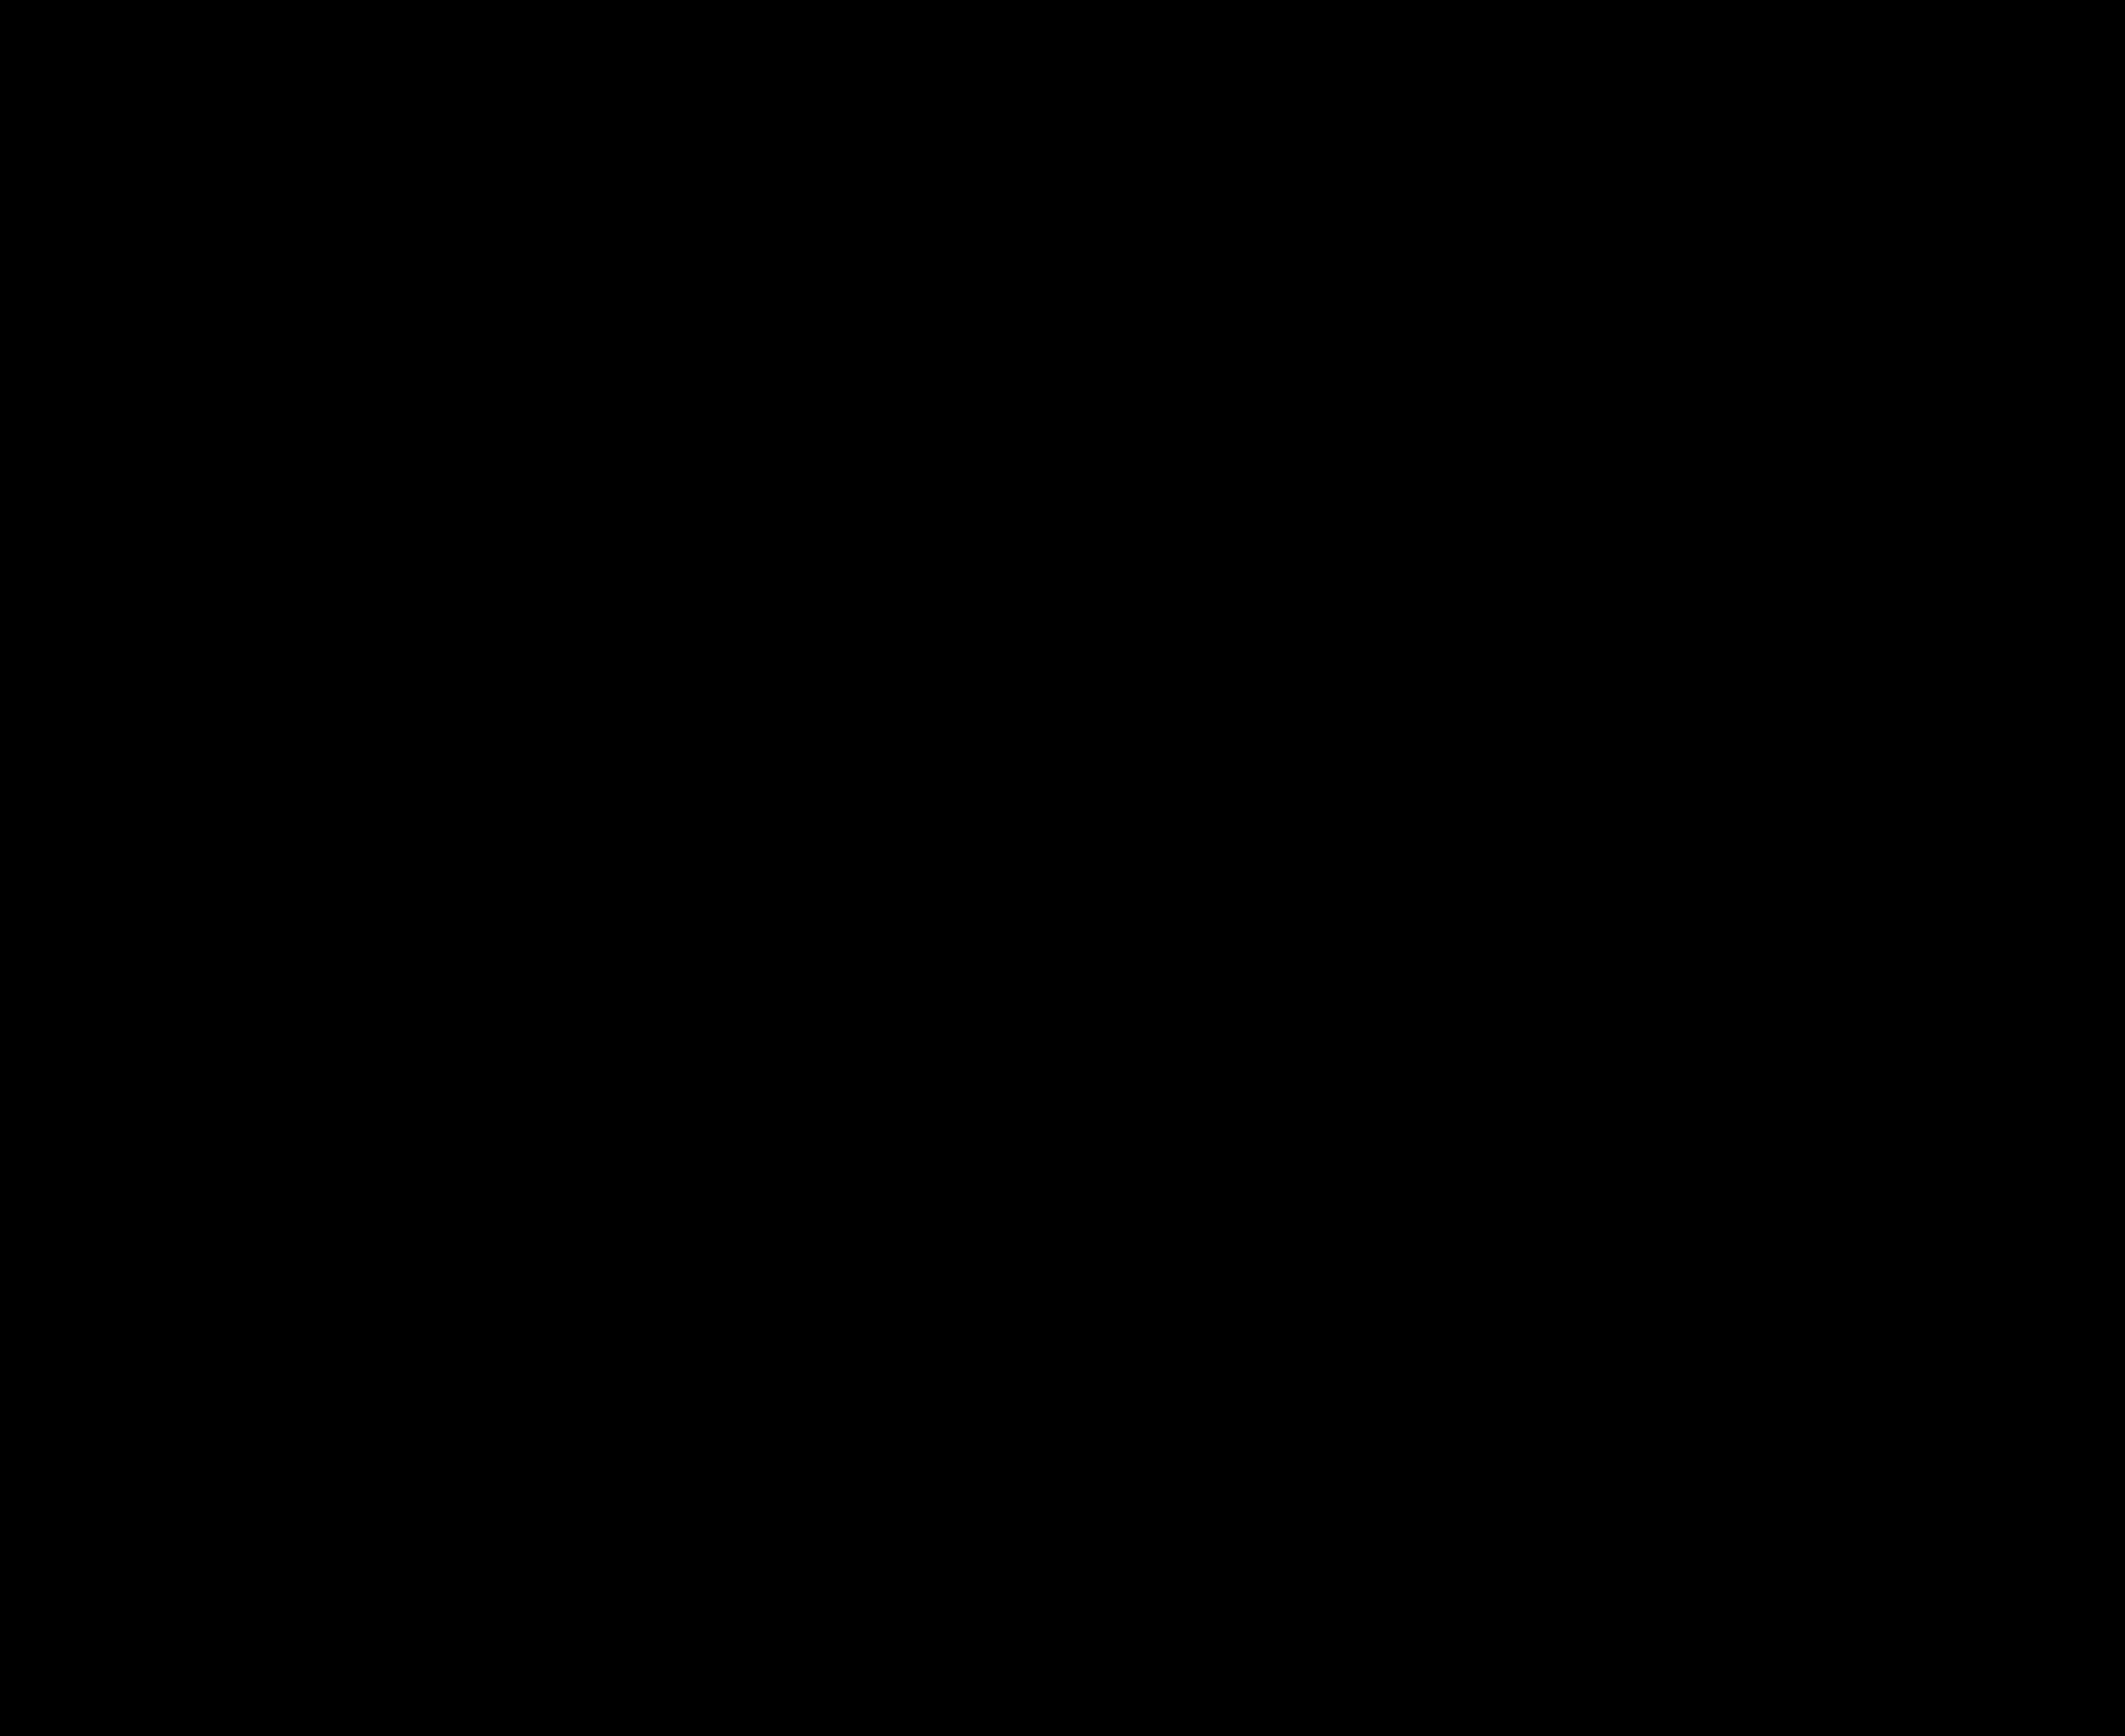 Clip Art Tiger 4x B W Black .-Clip Art Tiger 4x B W Black .-3